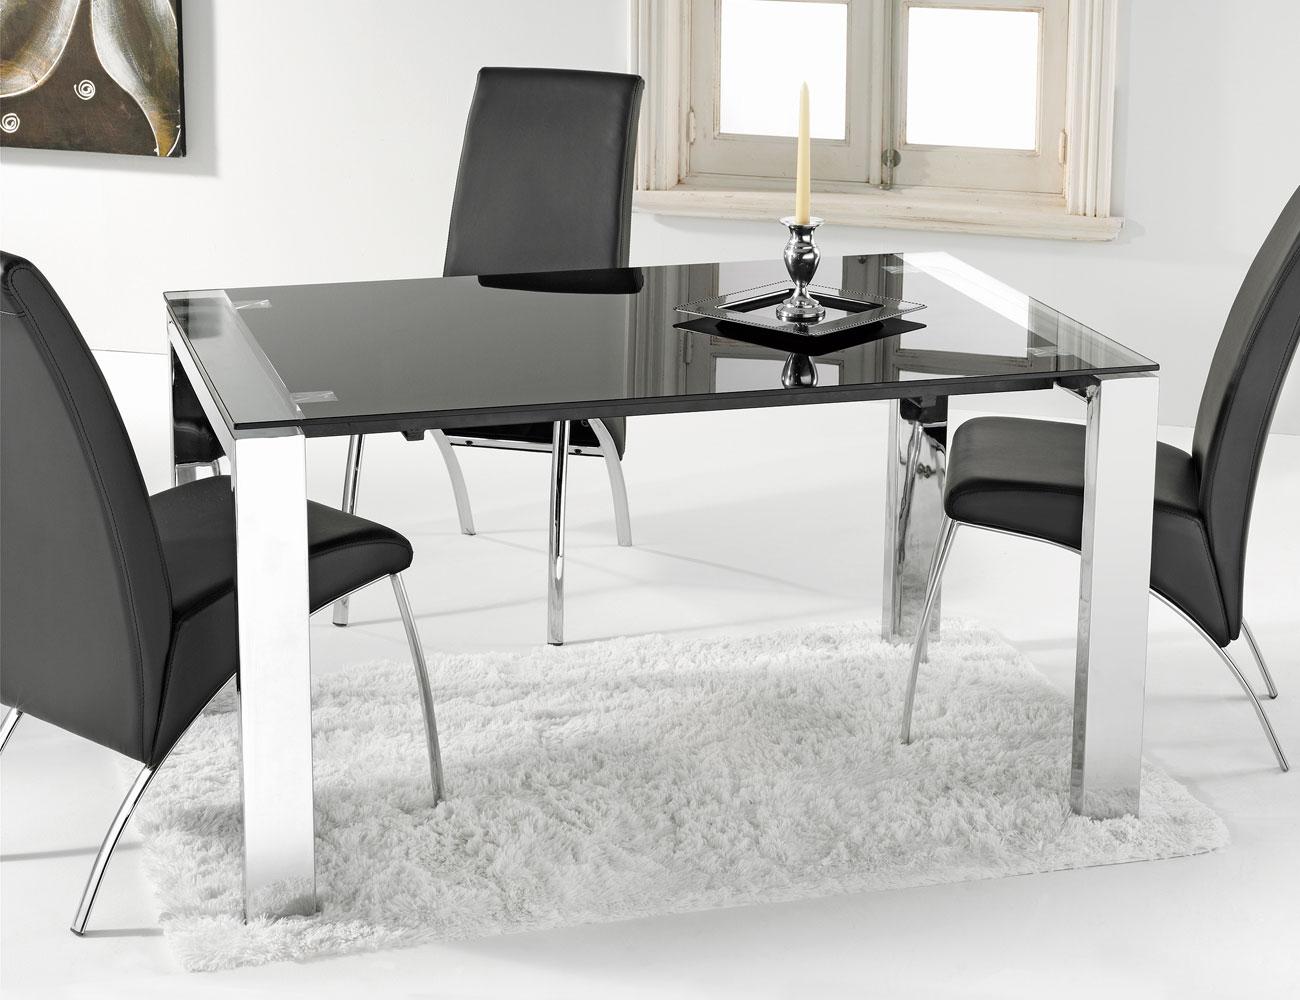 Hermoso mesa comedor extensible cristal im genes mesa for Cristal mesa